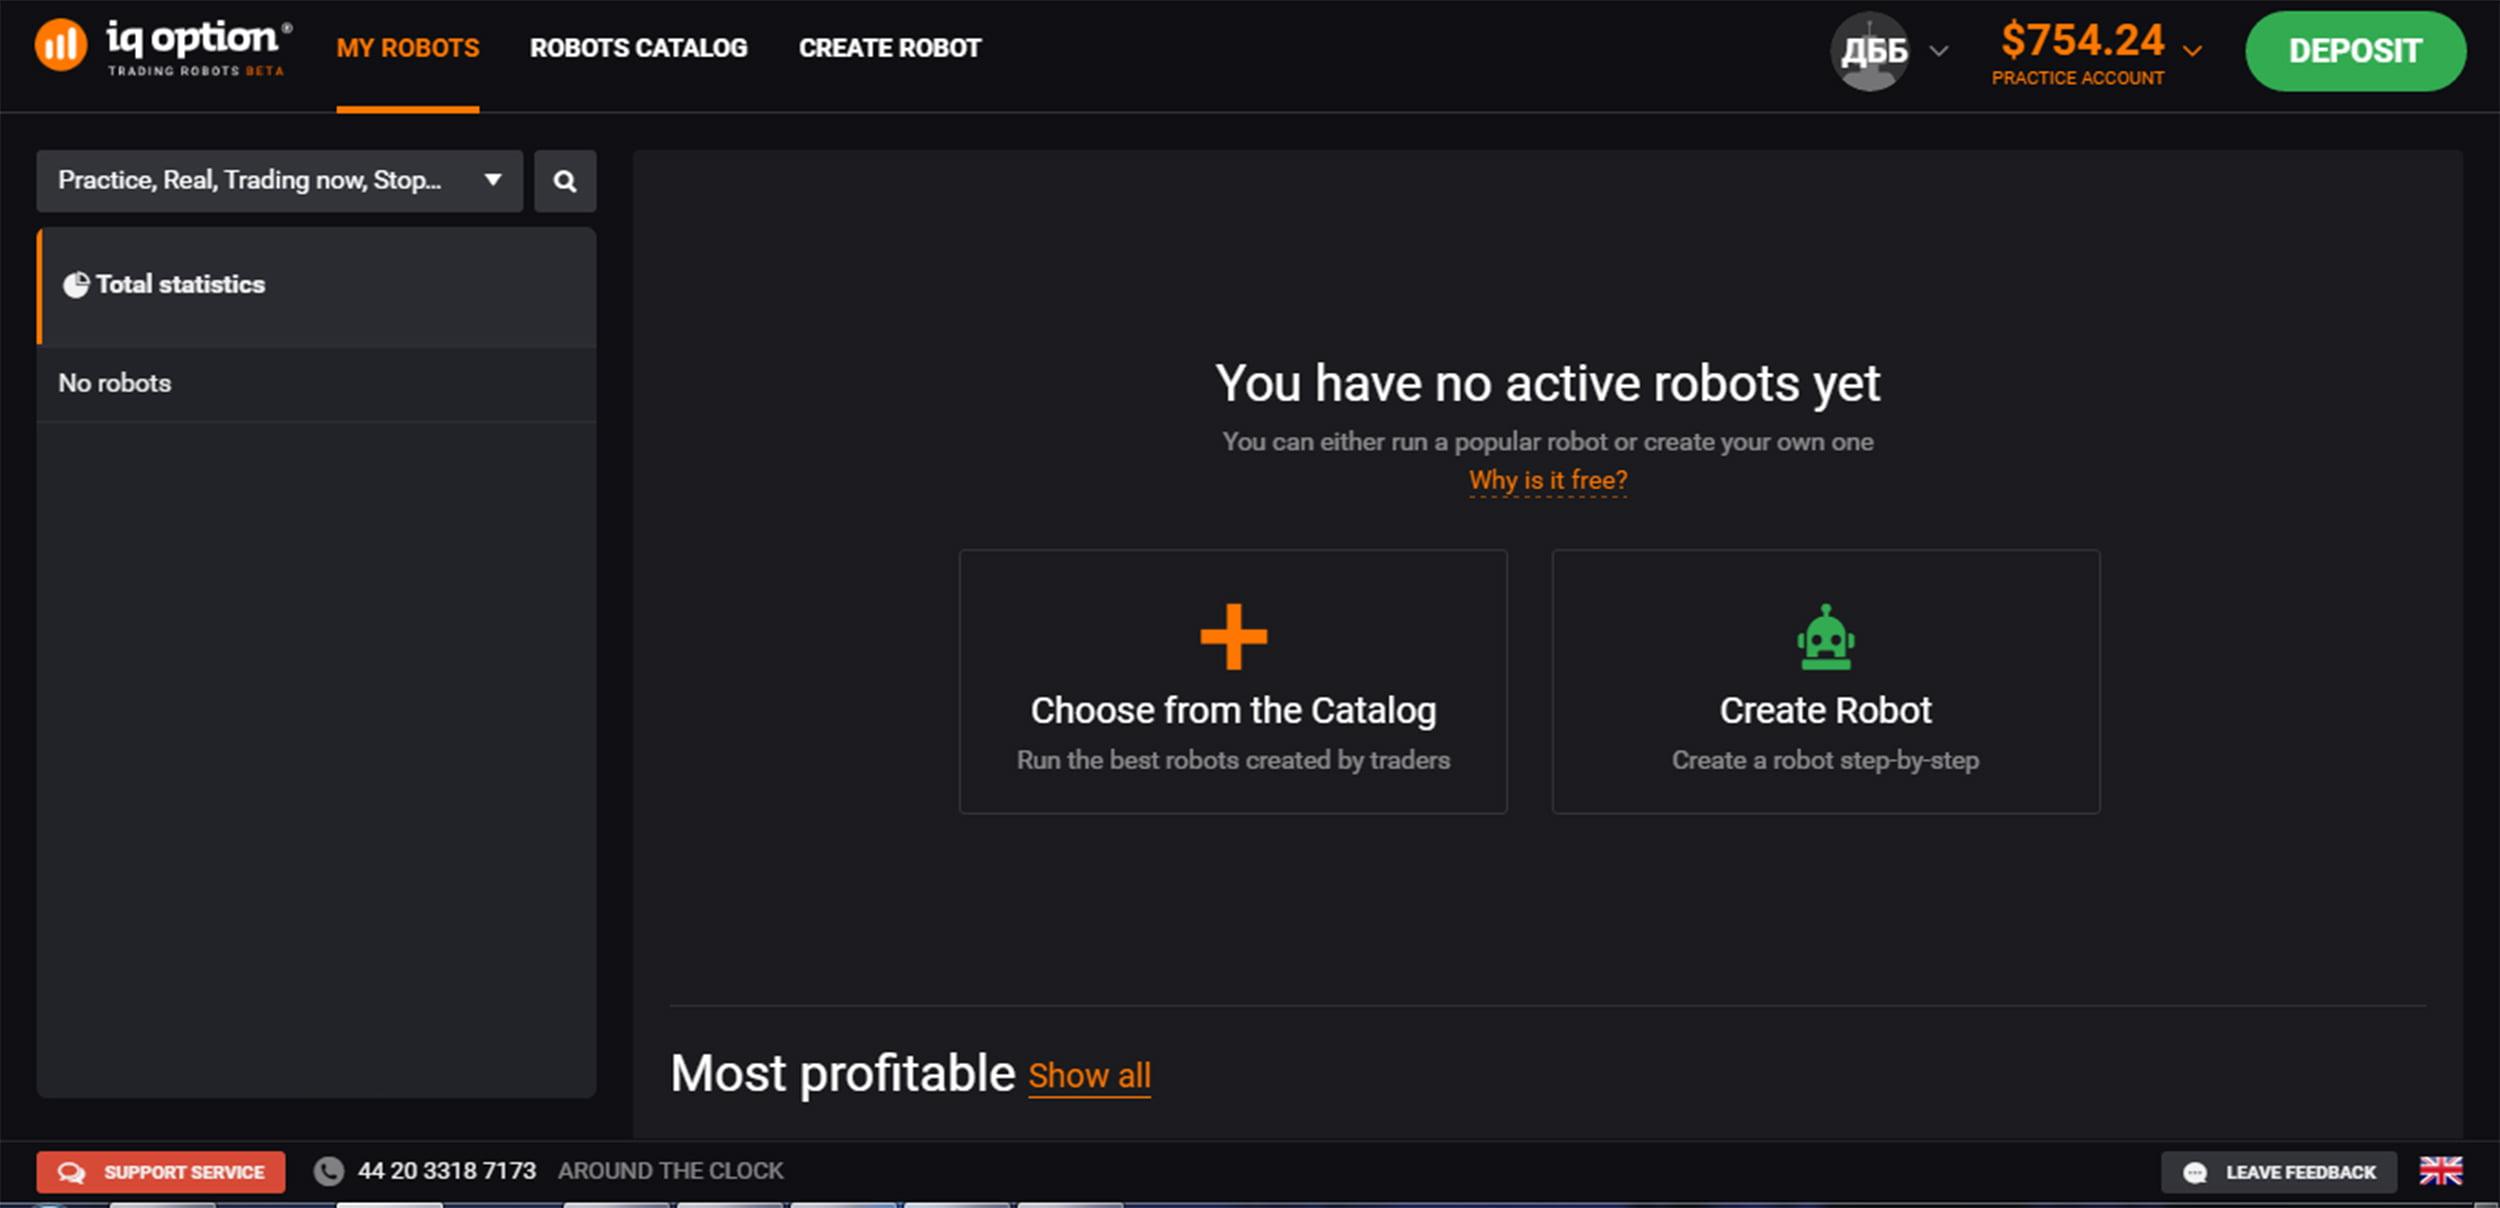 Конструктор IQ Robots